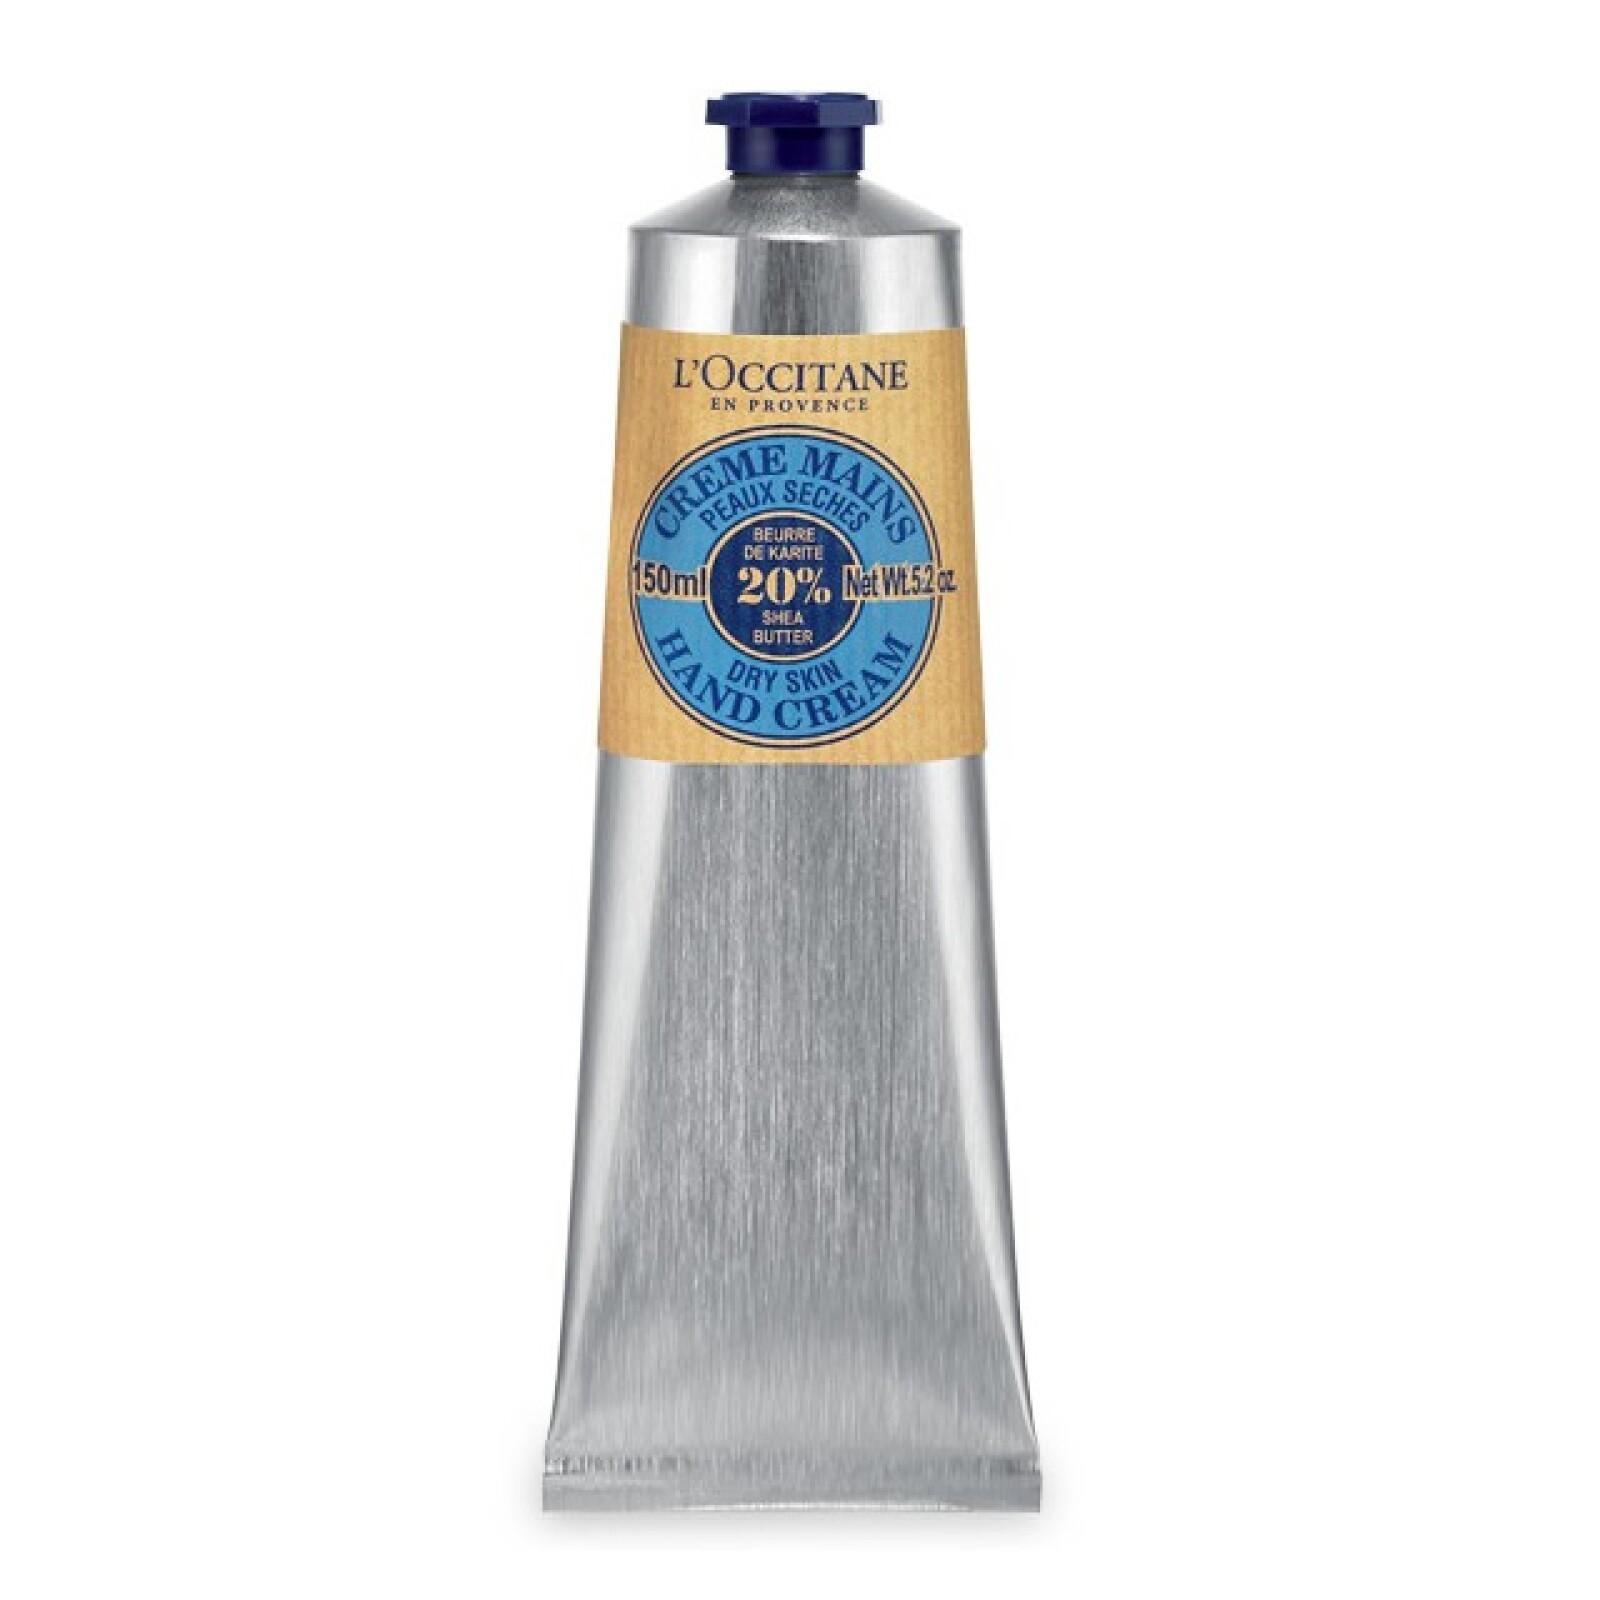 Siempre es importante tener una buena crema de manos en tu kit de belleza. Con la crema de manos Karité de L? Occitane que suaviza profundamente pues tiene manteca de Karité, miel y extracto de almendra, tendrás protección diaria. Boutiques L`Occitane.